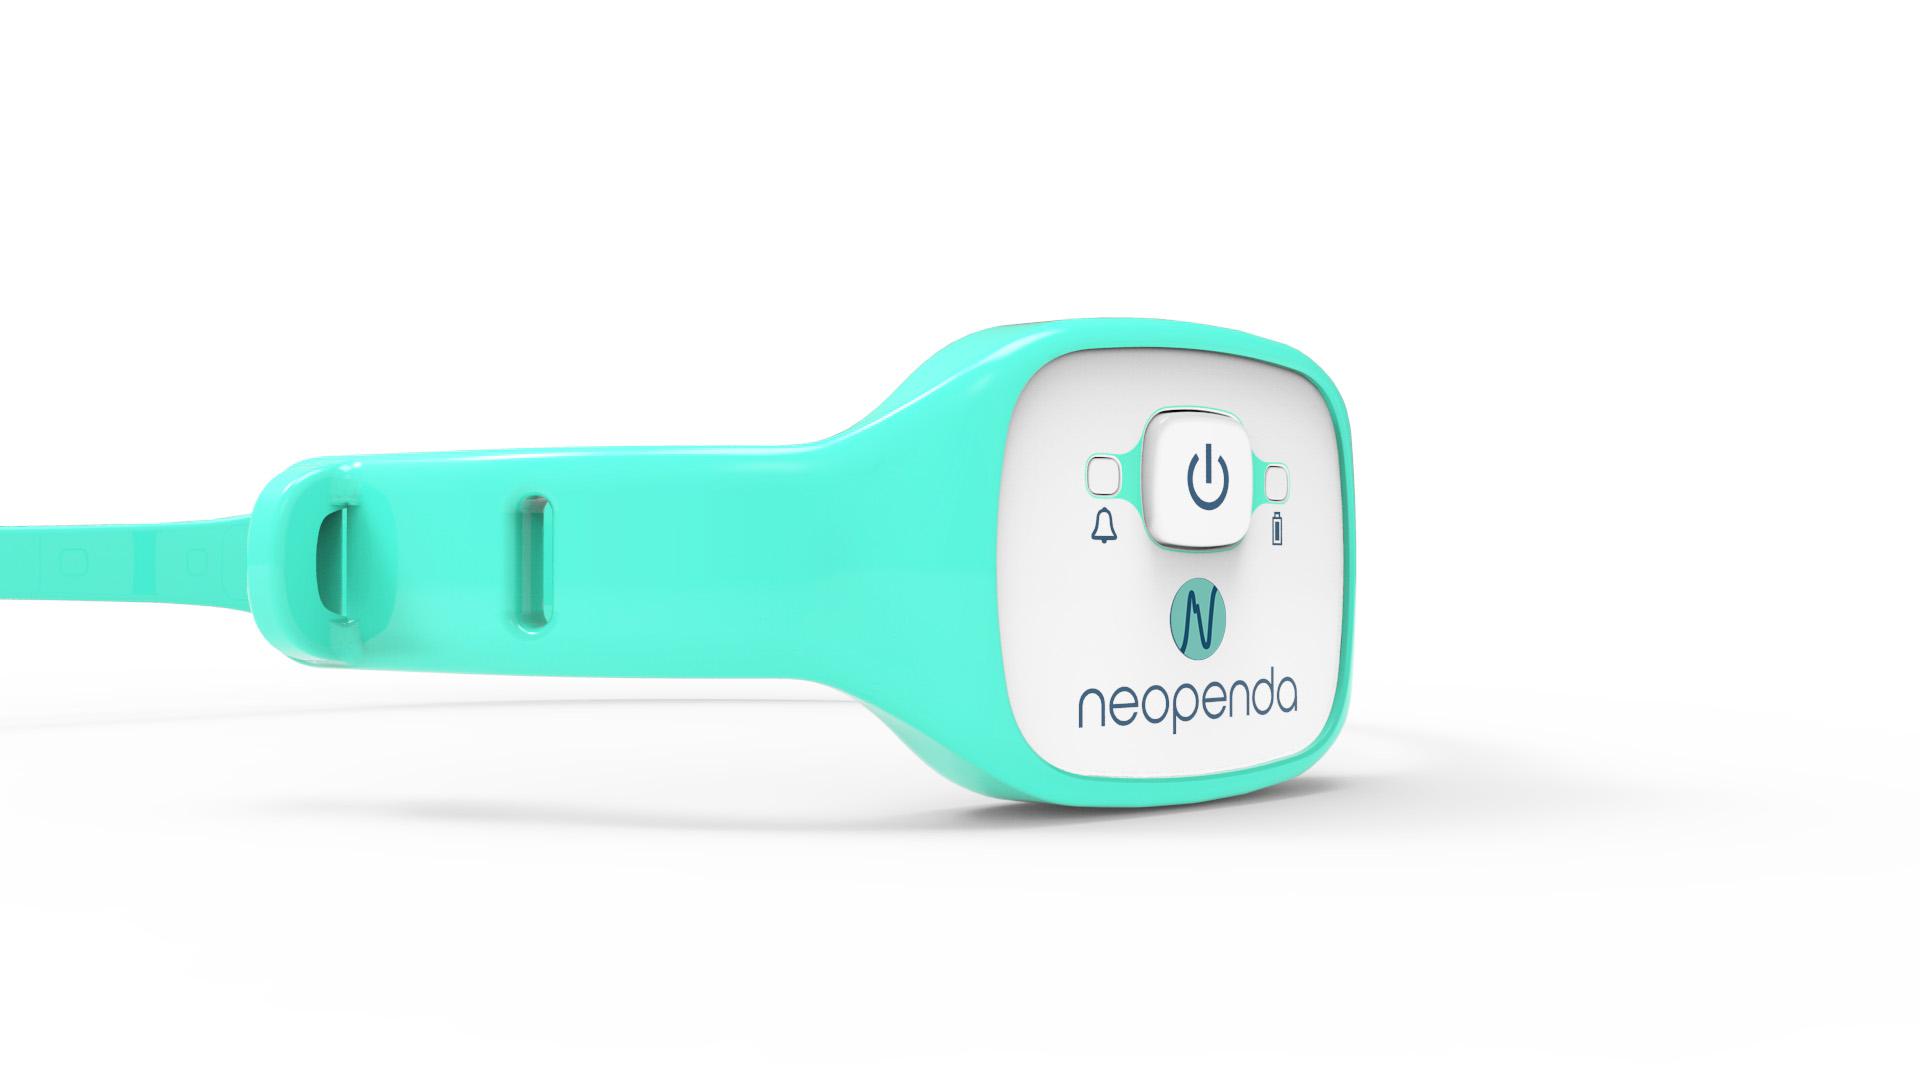 Neopenda